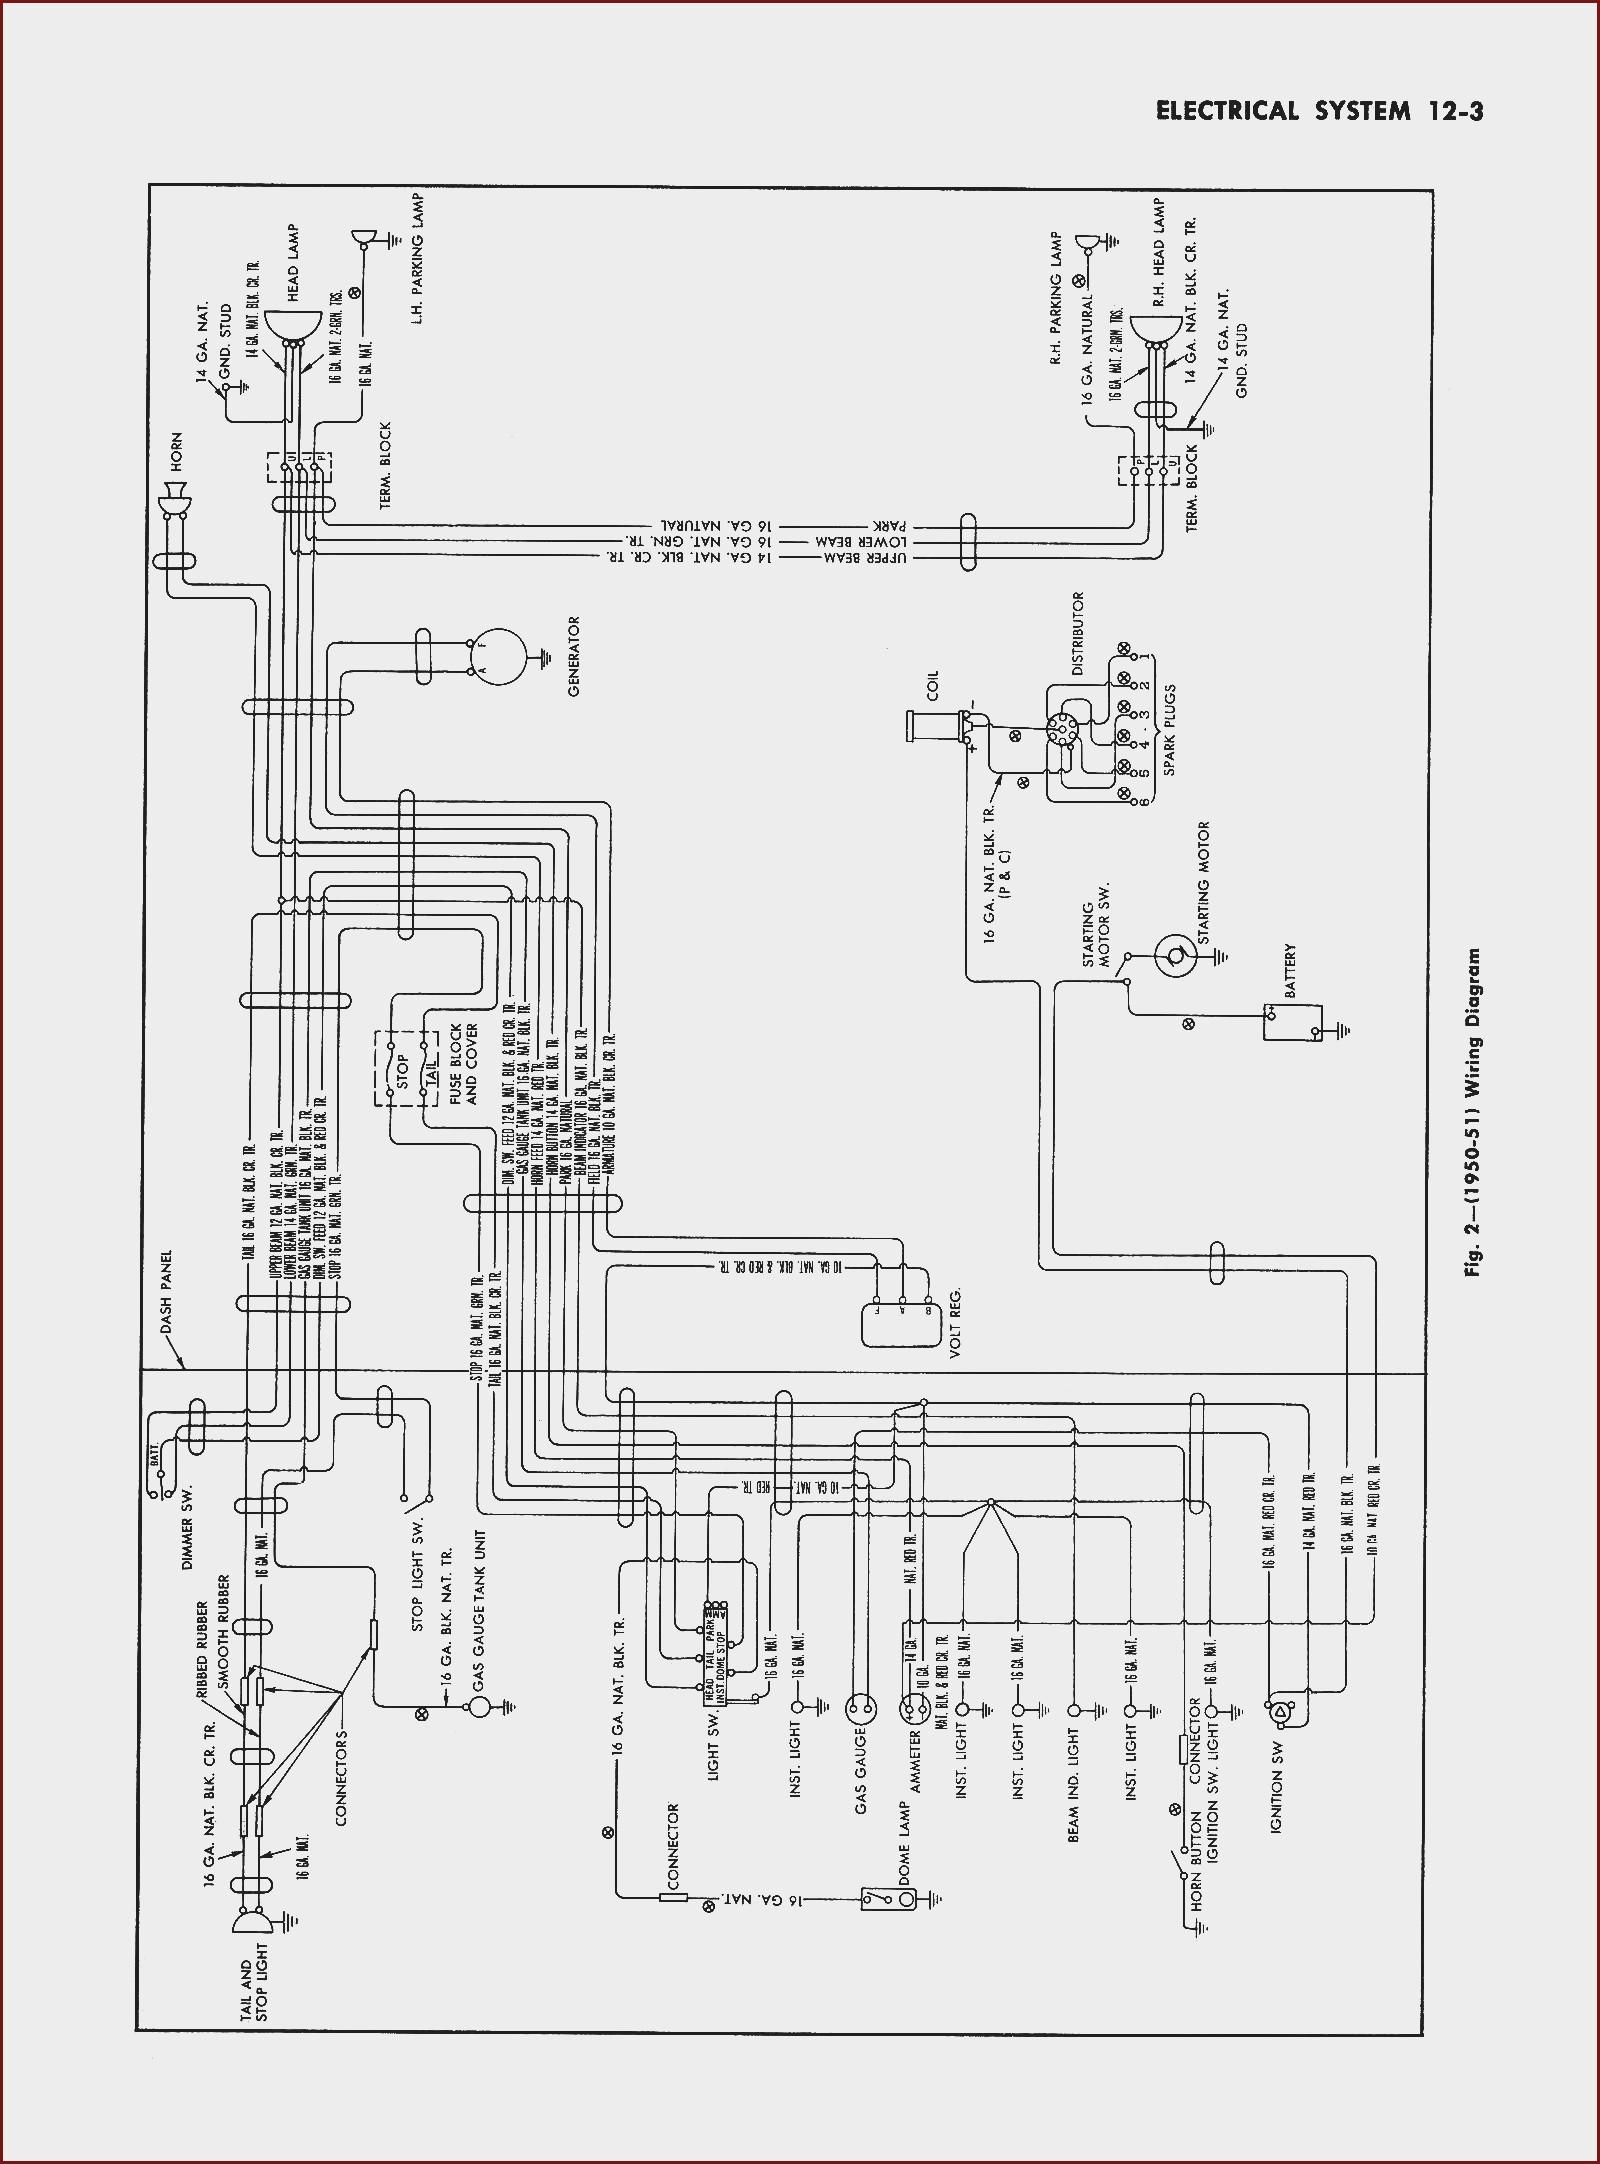 Brake Wiring Diagram Bose Lifestyle 5 Wiring Diagram at Manuals Library Of Brake Wiring Diagram